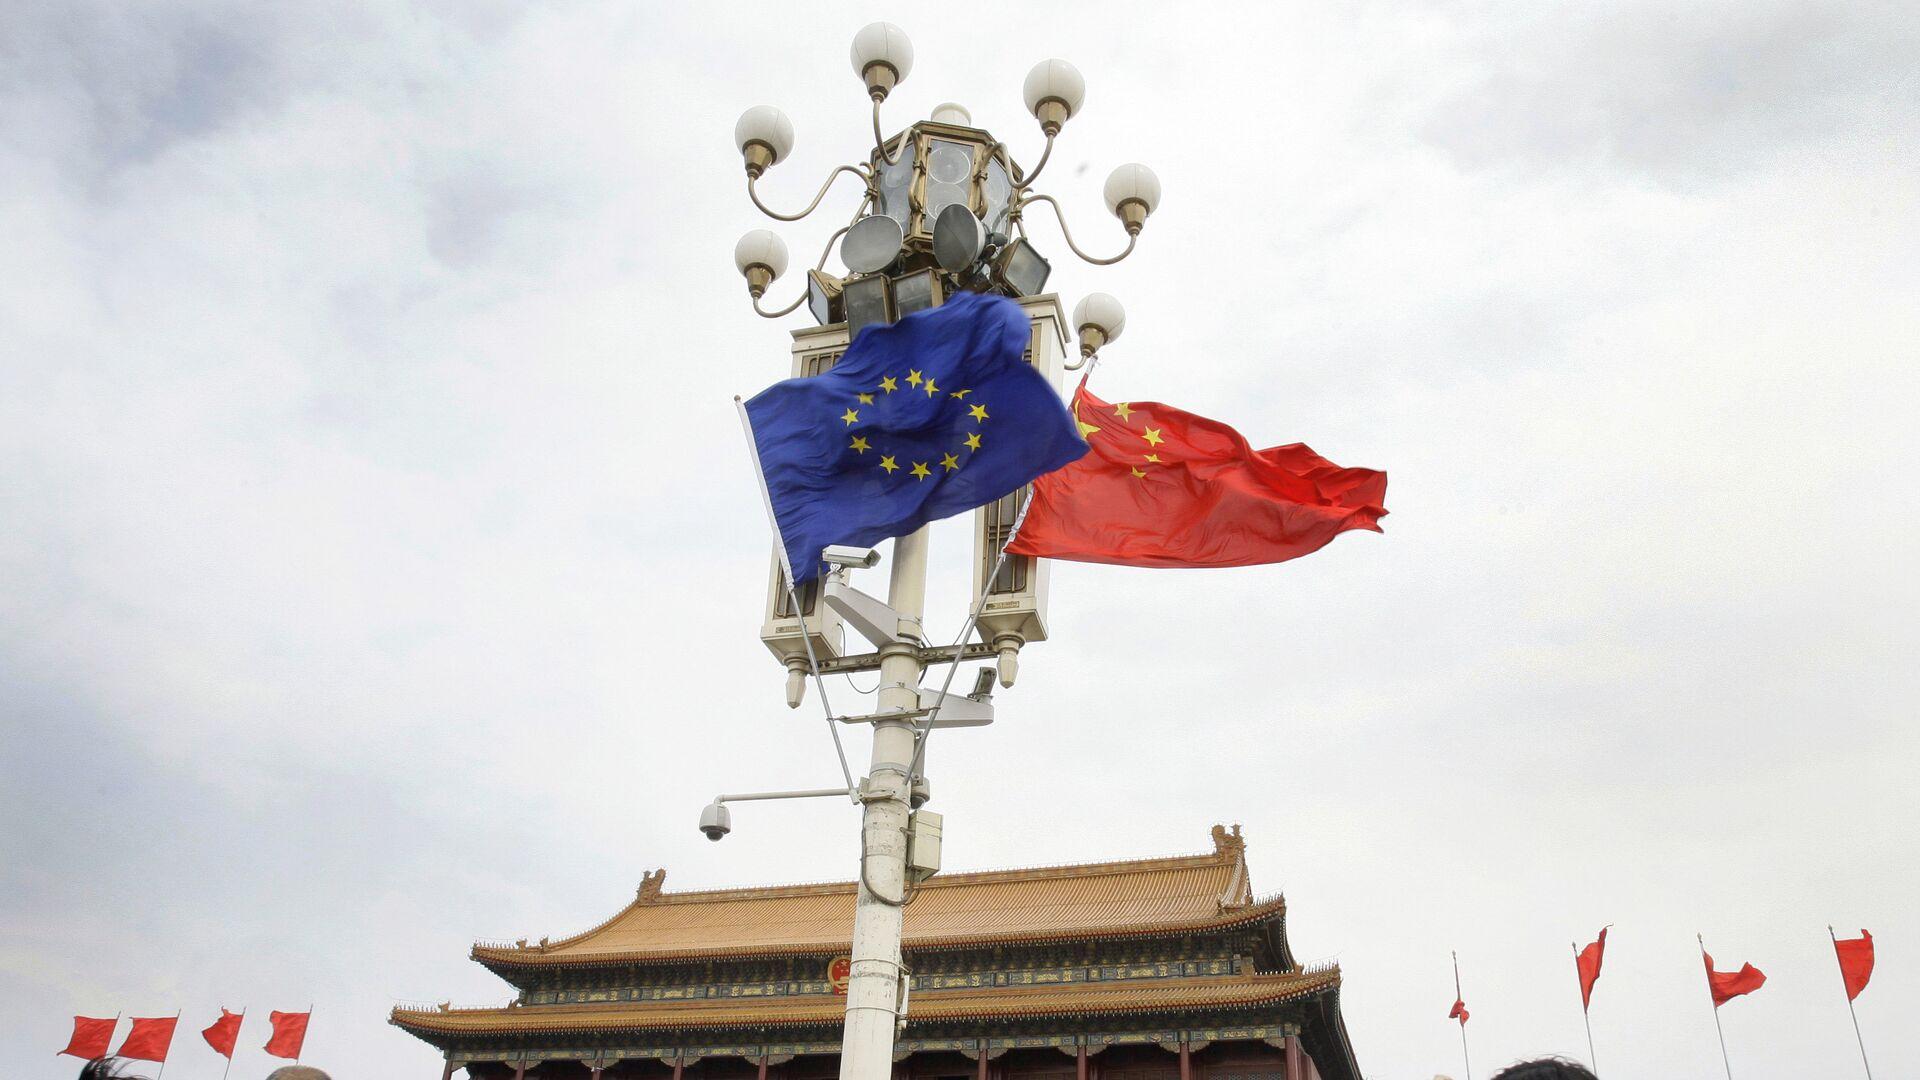 Las banderas de la UE y China - Sputnik Mundo, 1920, 23.03.2021